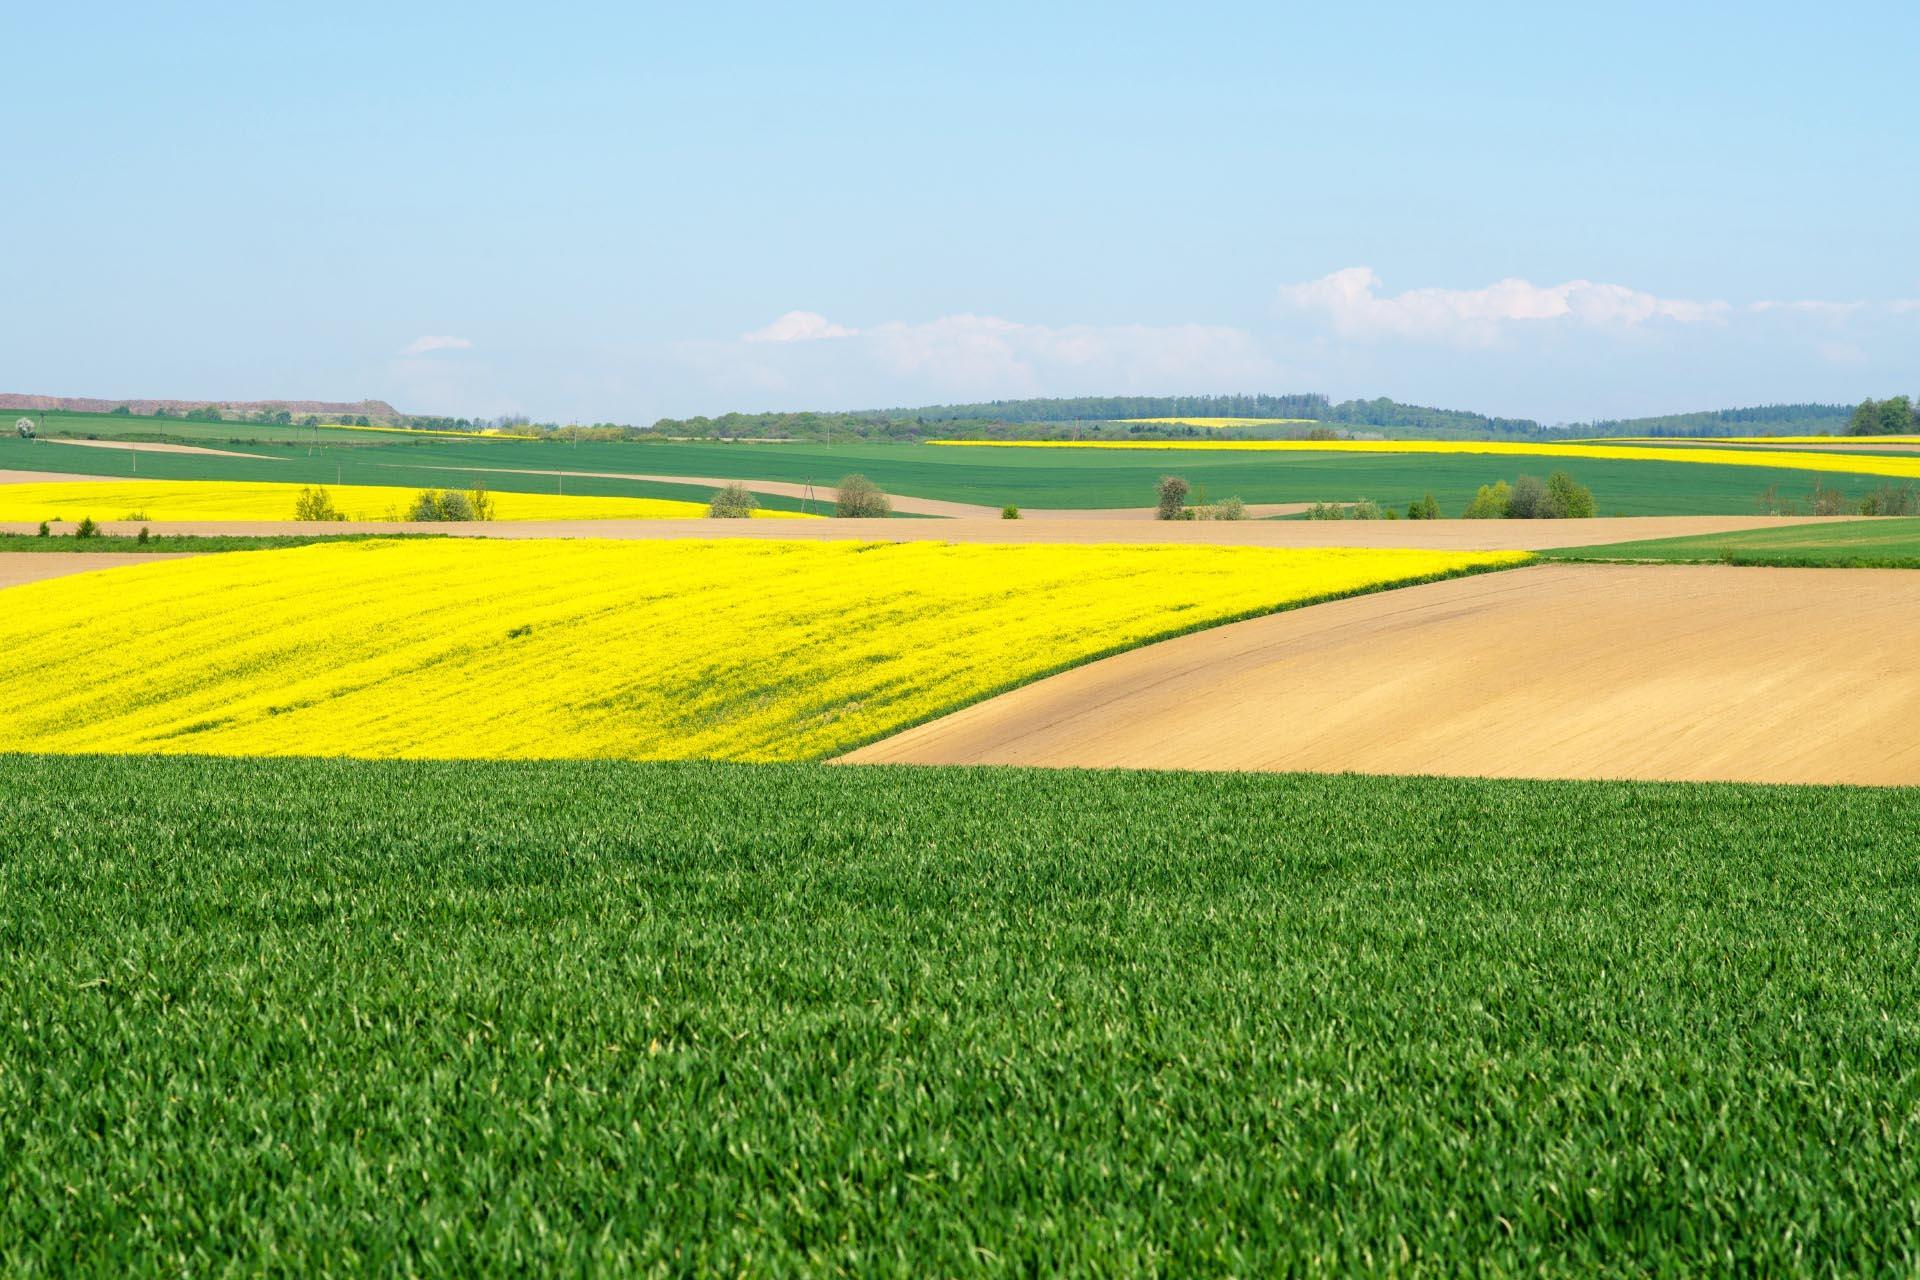 菜の花と春の畑の風景 春のポーランドの風景